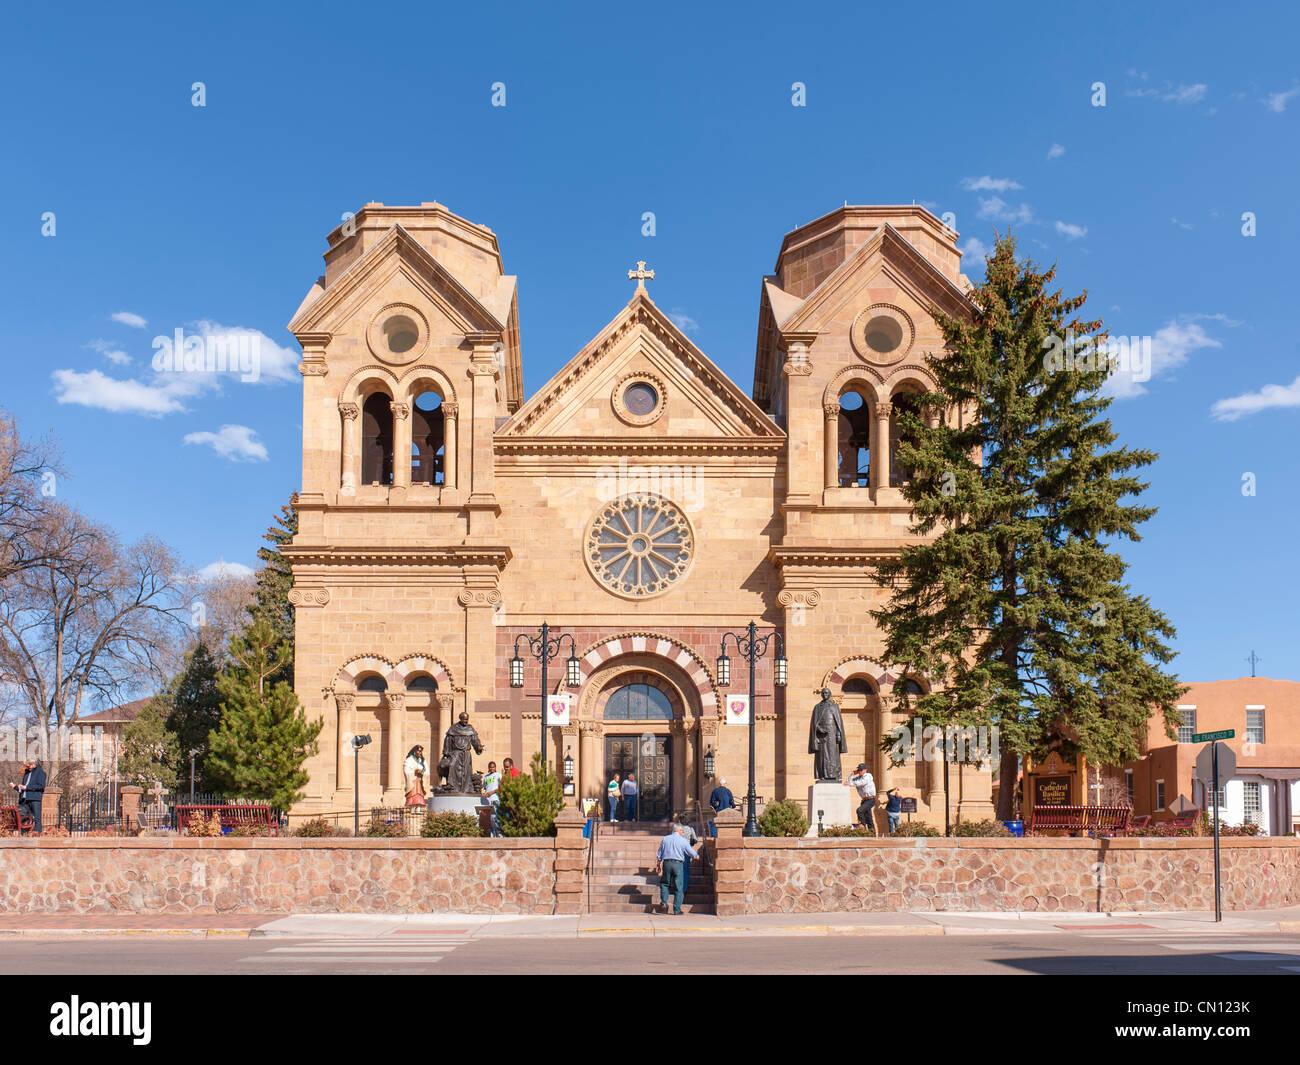 St. Francis Assisi Cathedral Basilica, Santa Fe - Stock Image